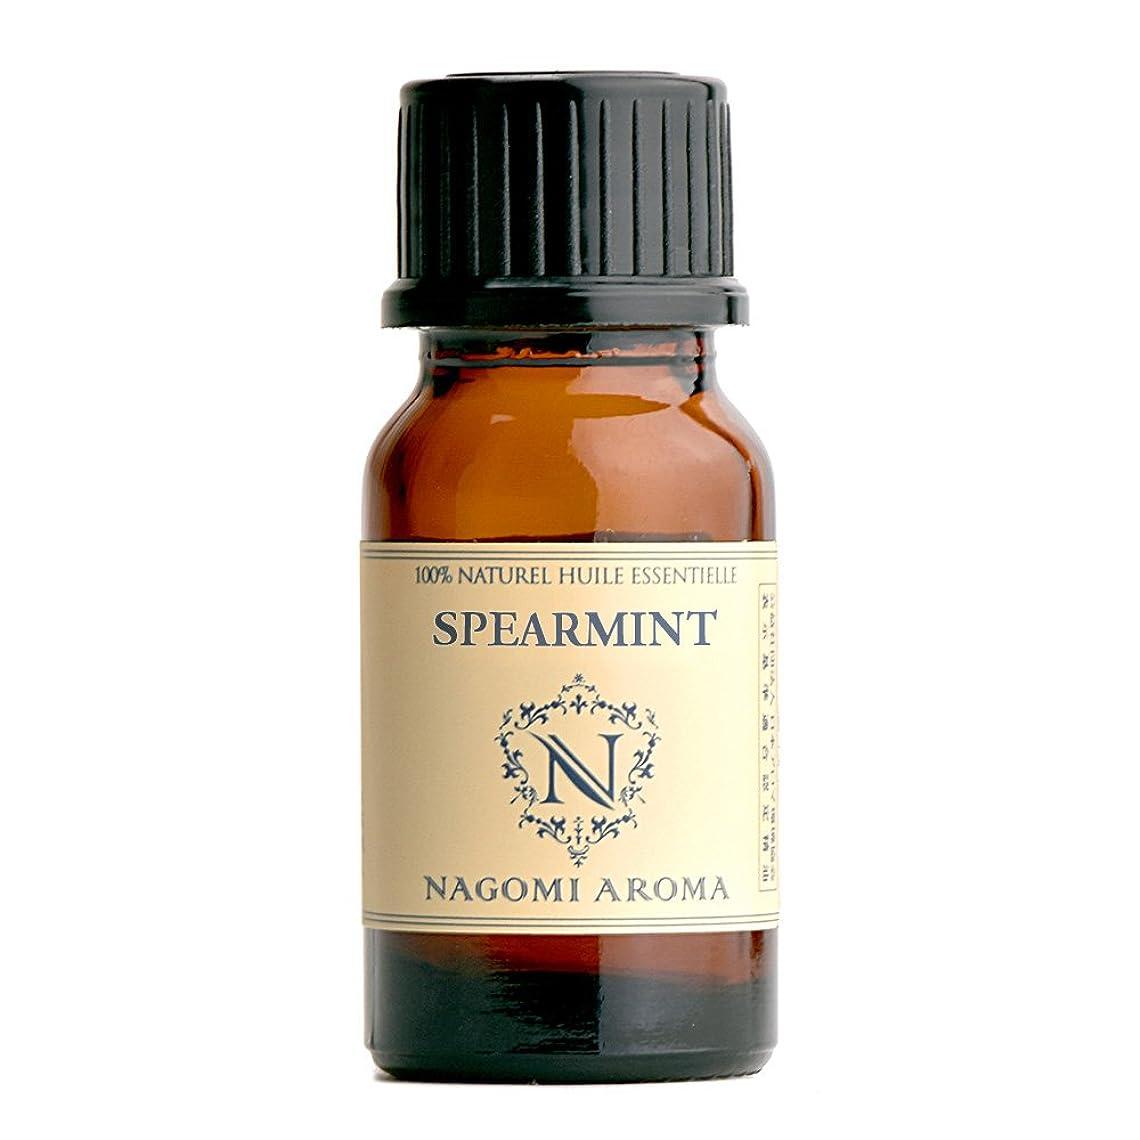 調整アンビエント全体にNAGOMI AROMA スペアミント 10ml 【AEAJ認定精油】【アロマオイル】